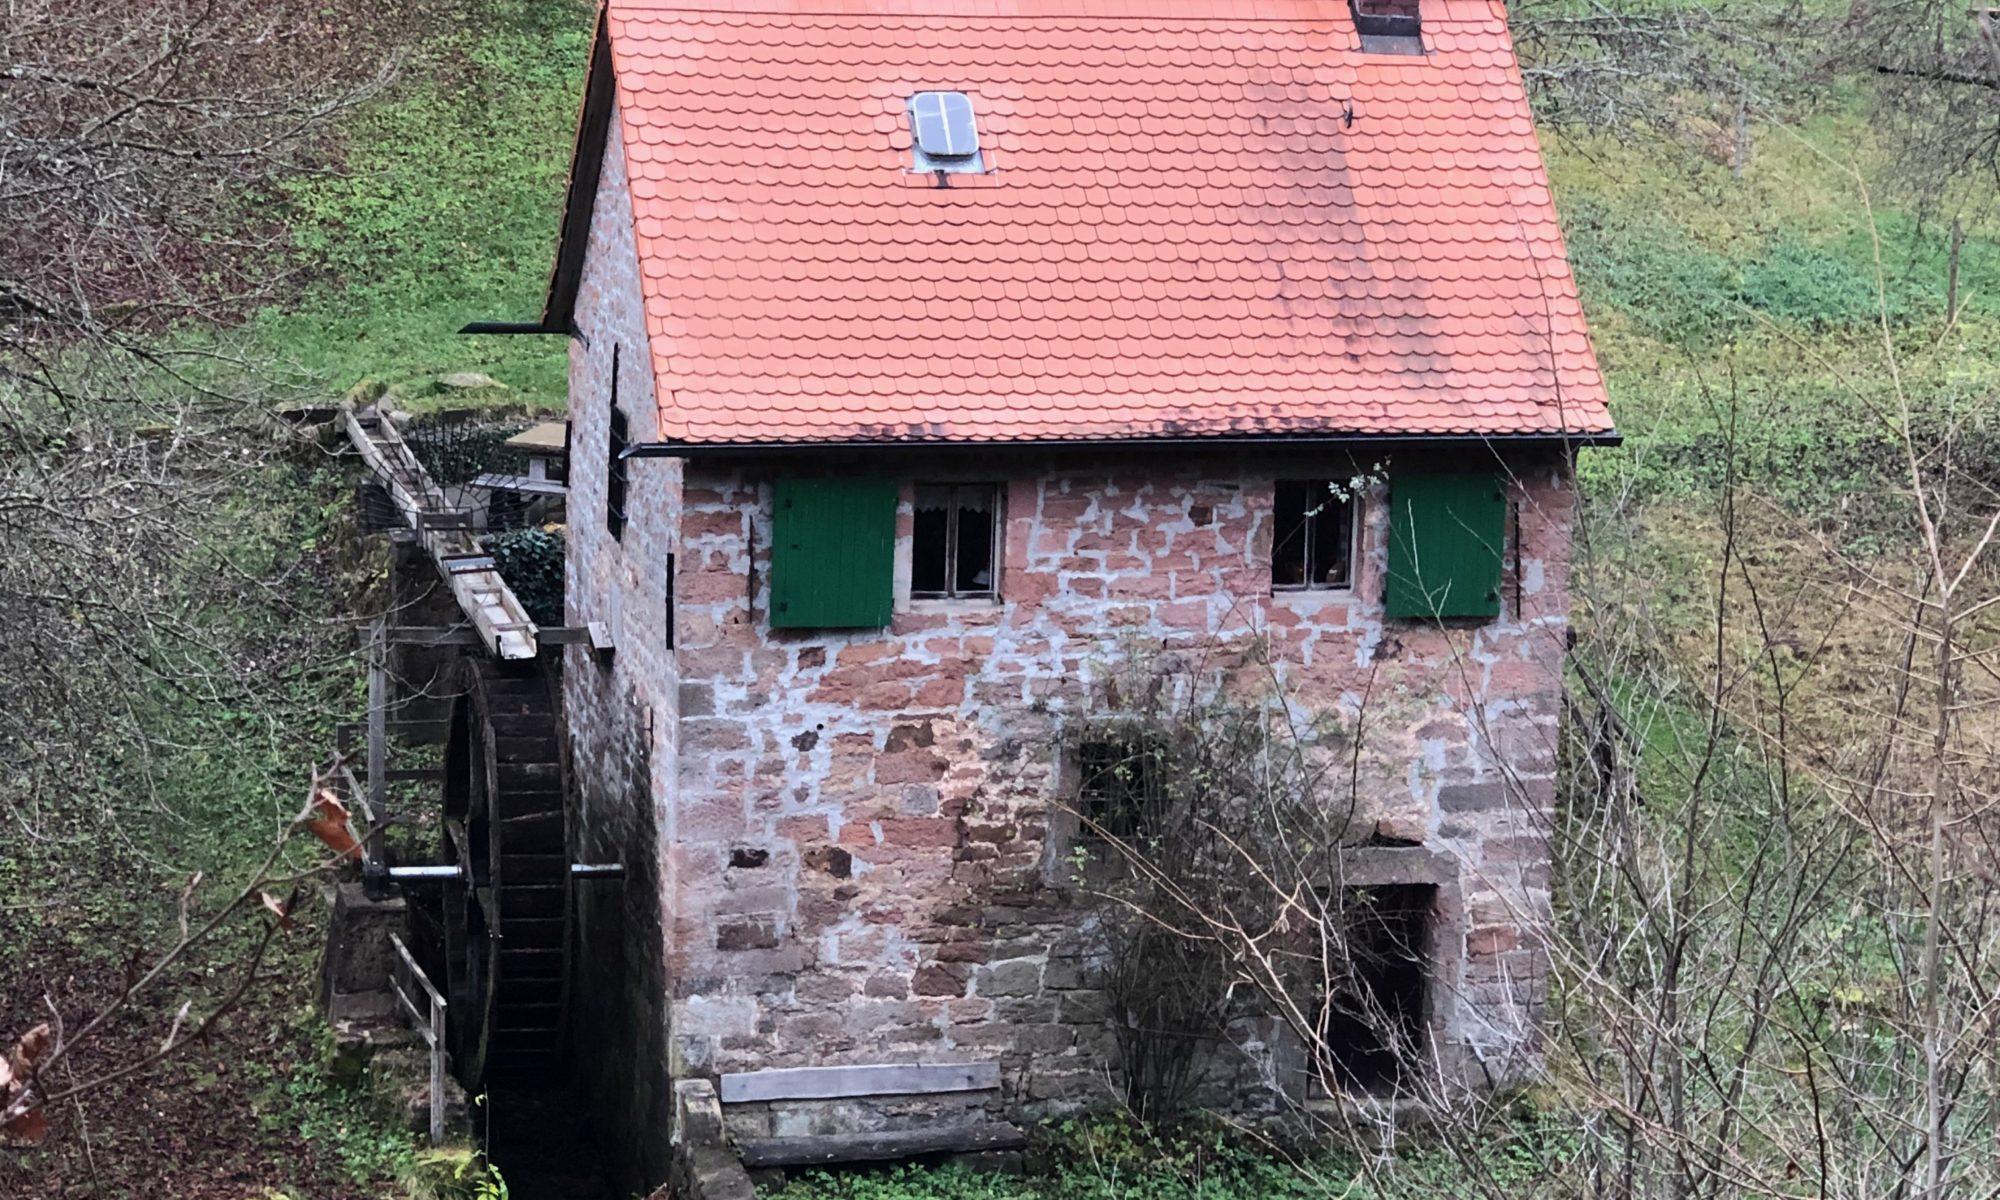 Die Untere Mühle in Rothenbuch gehört der Gemeinde und wird von der Ortsgruppe des Bunds Naturschutz unterhalten. | Foto: B. Schneider